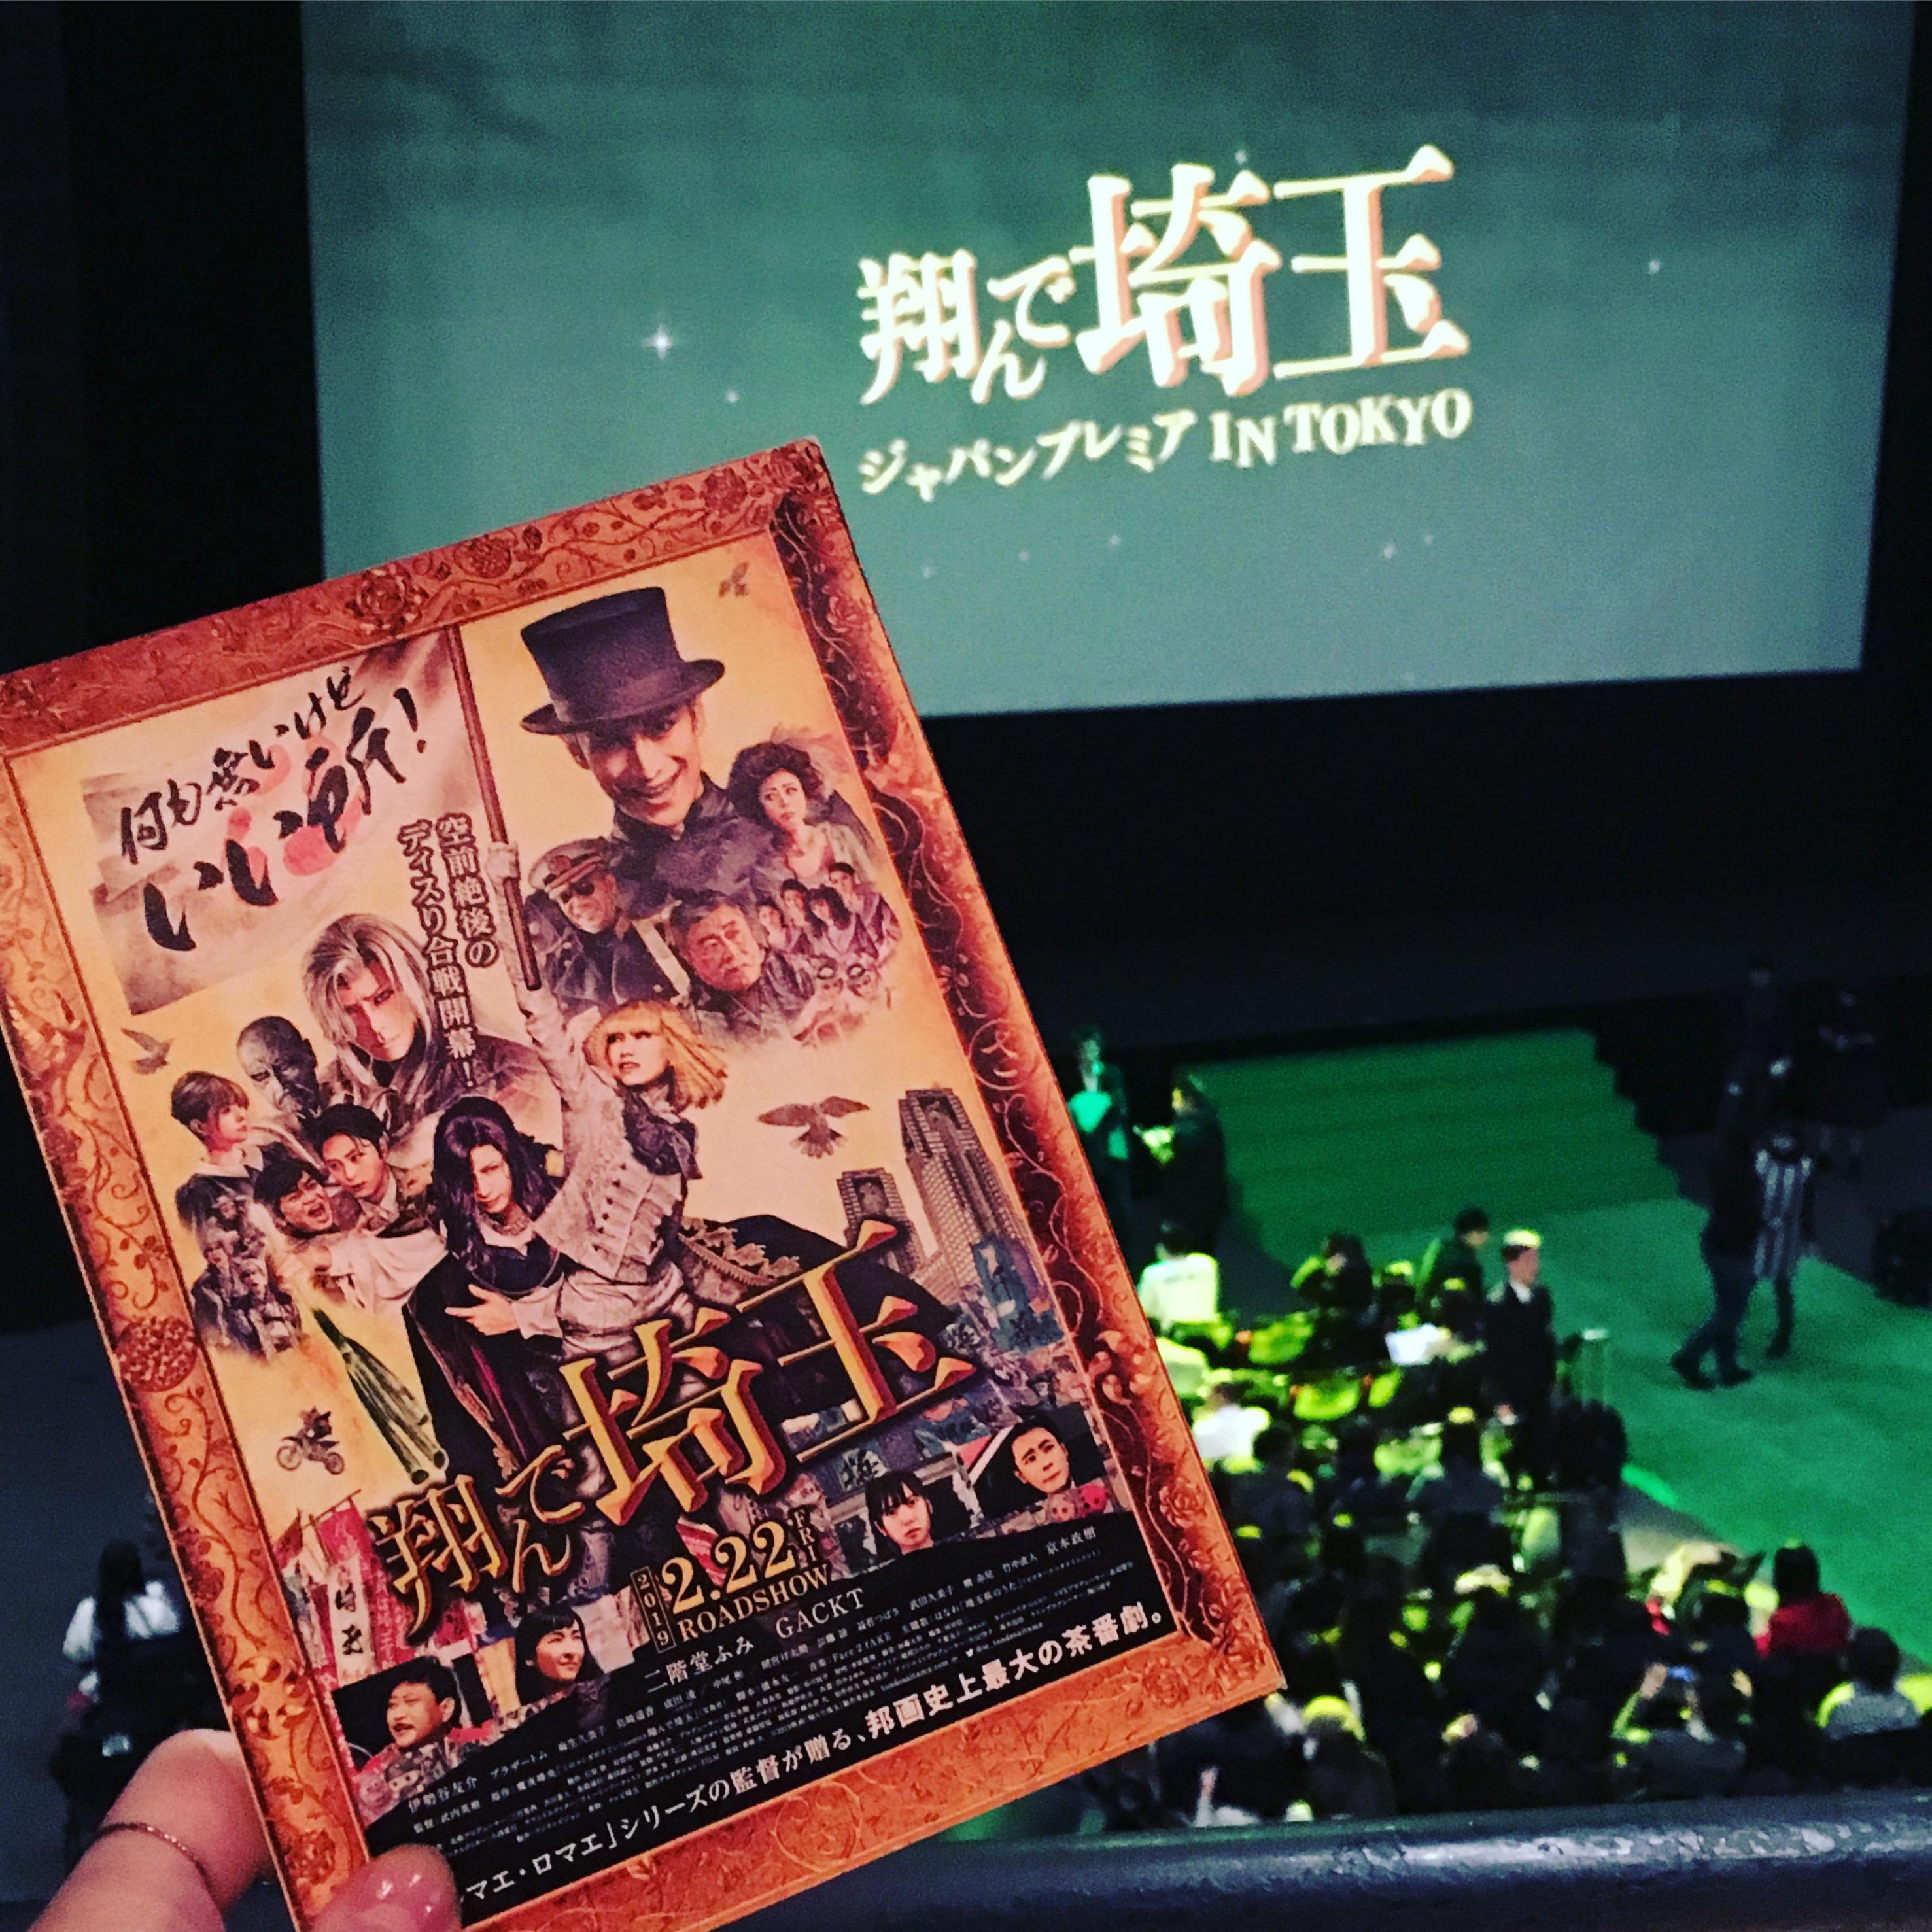 埼玉県民以外も必見!映画「翔んで埼玉」のジャパンプレミア に行ってきました♡_1